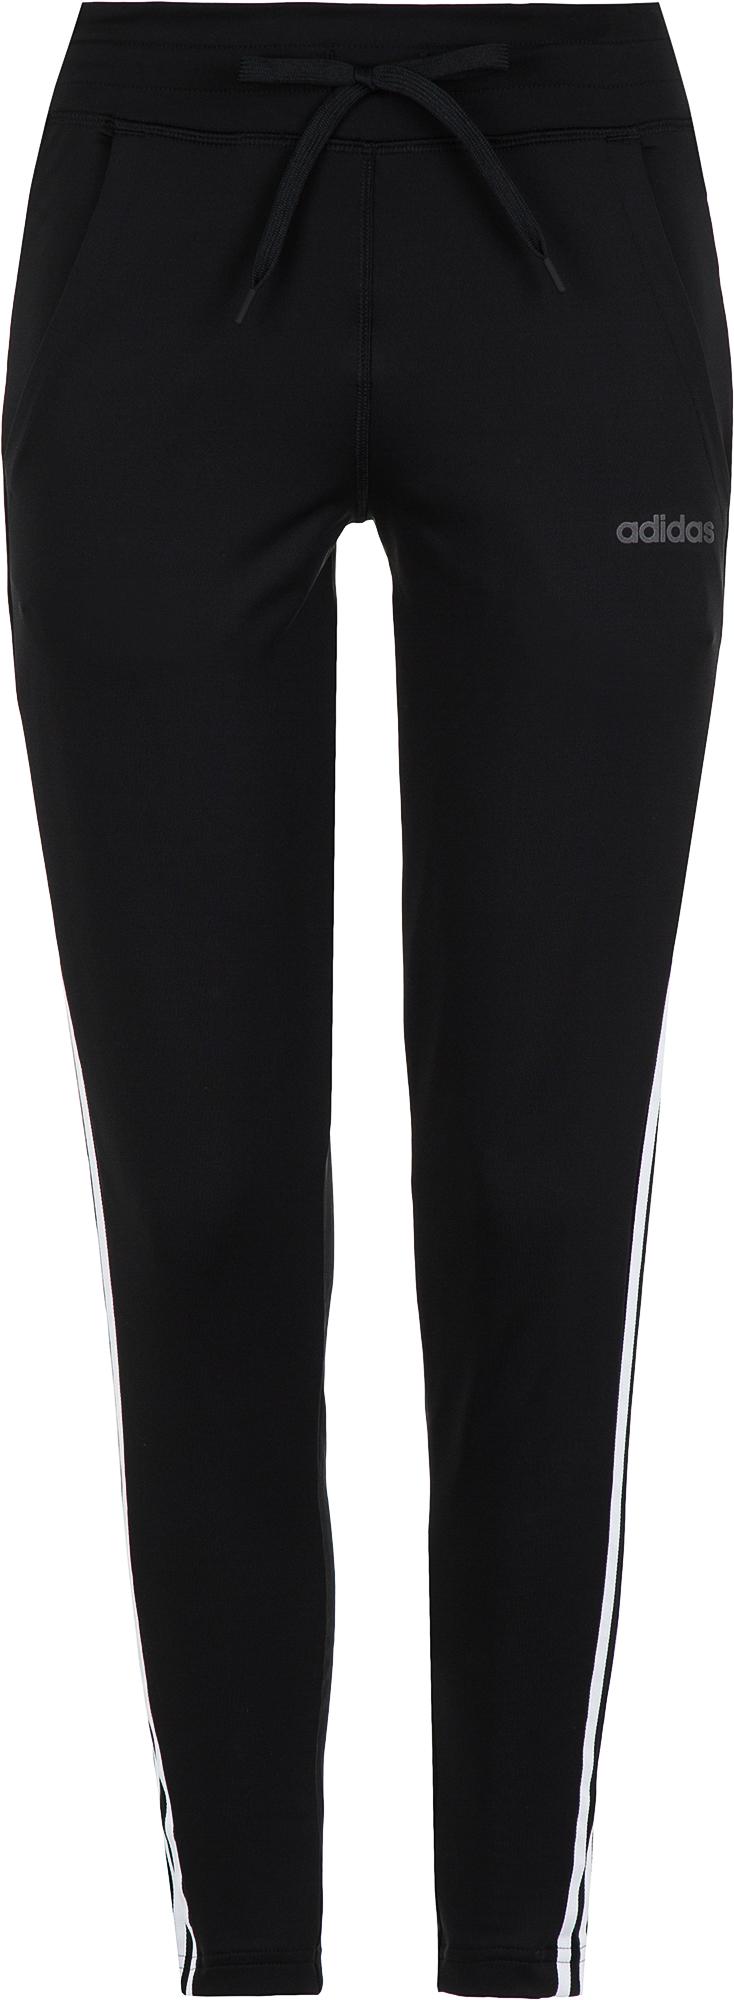 купить Adidas Брюки женские Adidas Design 2 Move 3-Stripes, размер 50-52 по цене 3499 рублей